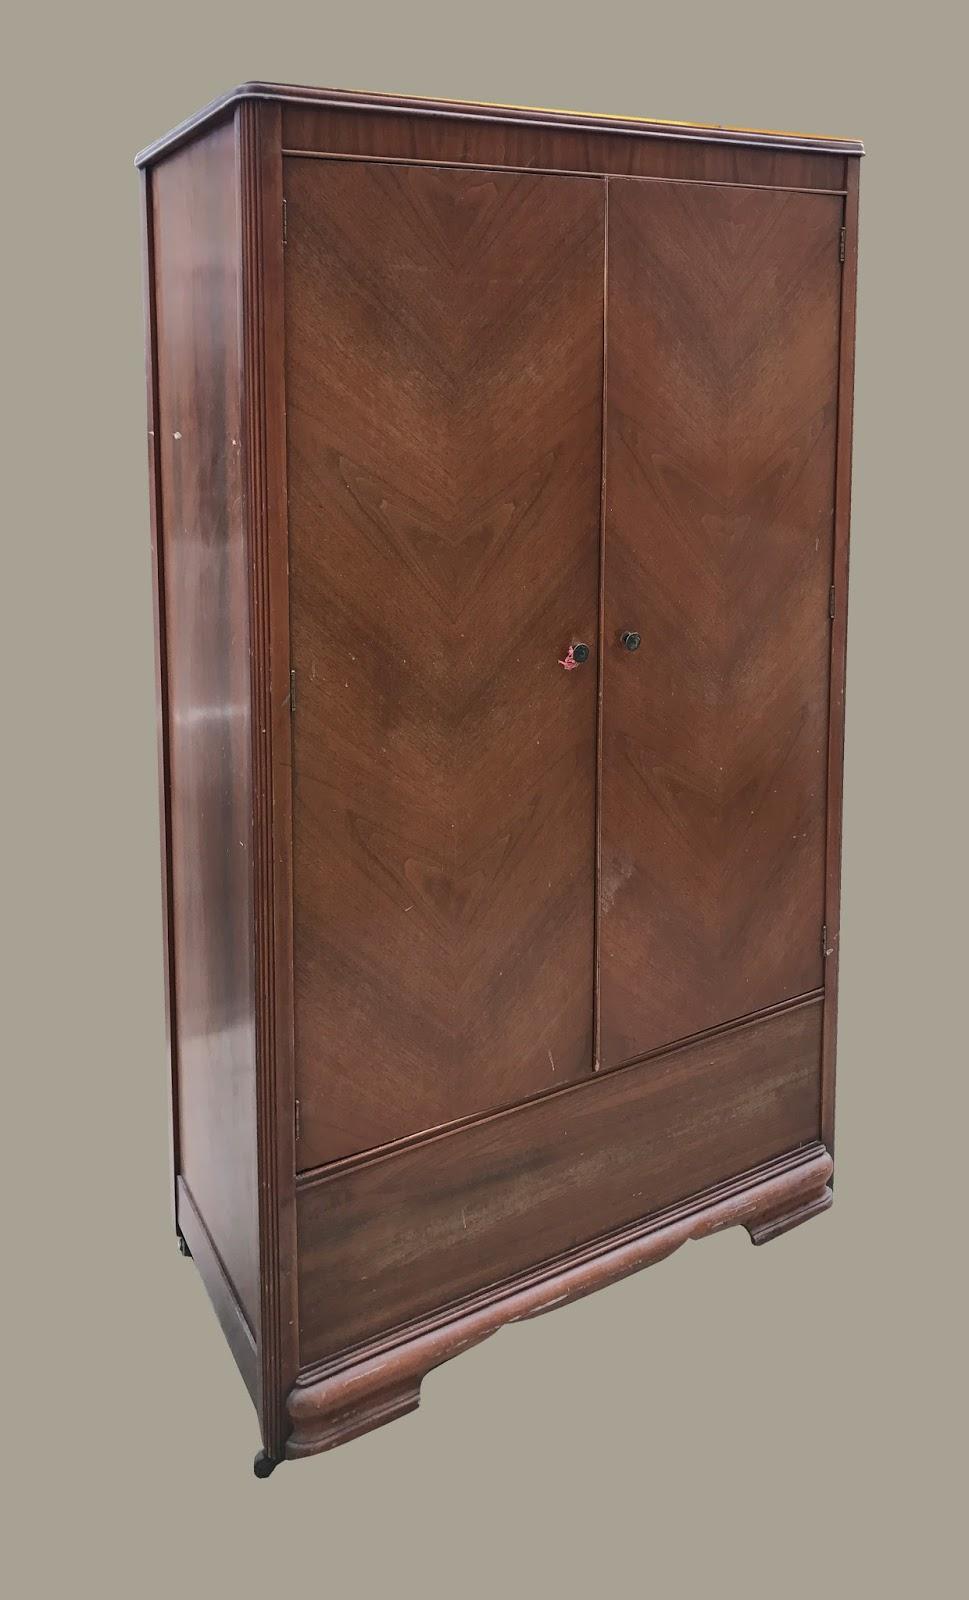 Cedar Closets 3 Nails 4 U Construction: Uhuru Furniture & Collectibles: 1940s Cedar Closet